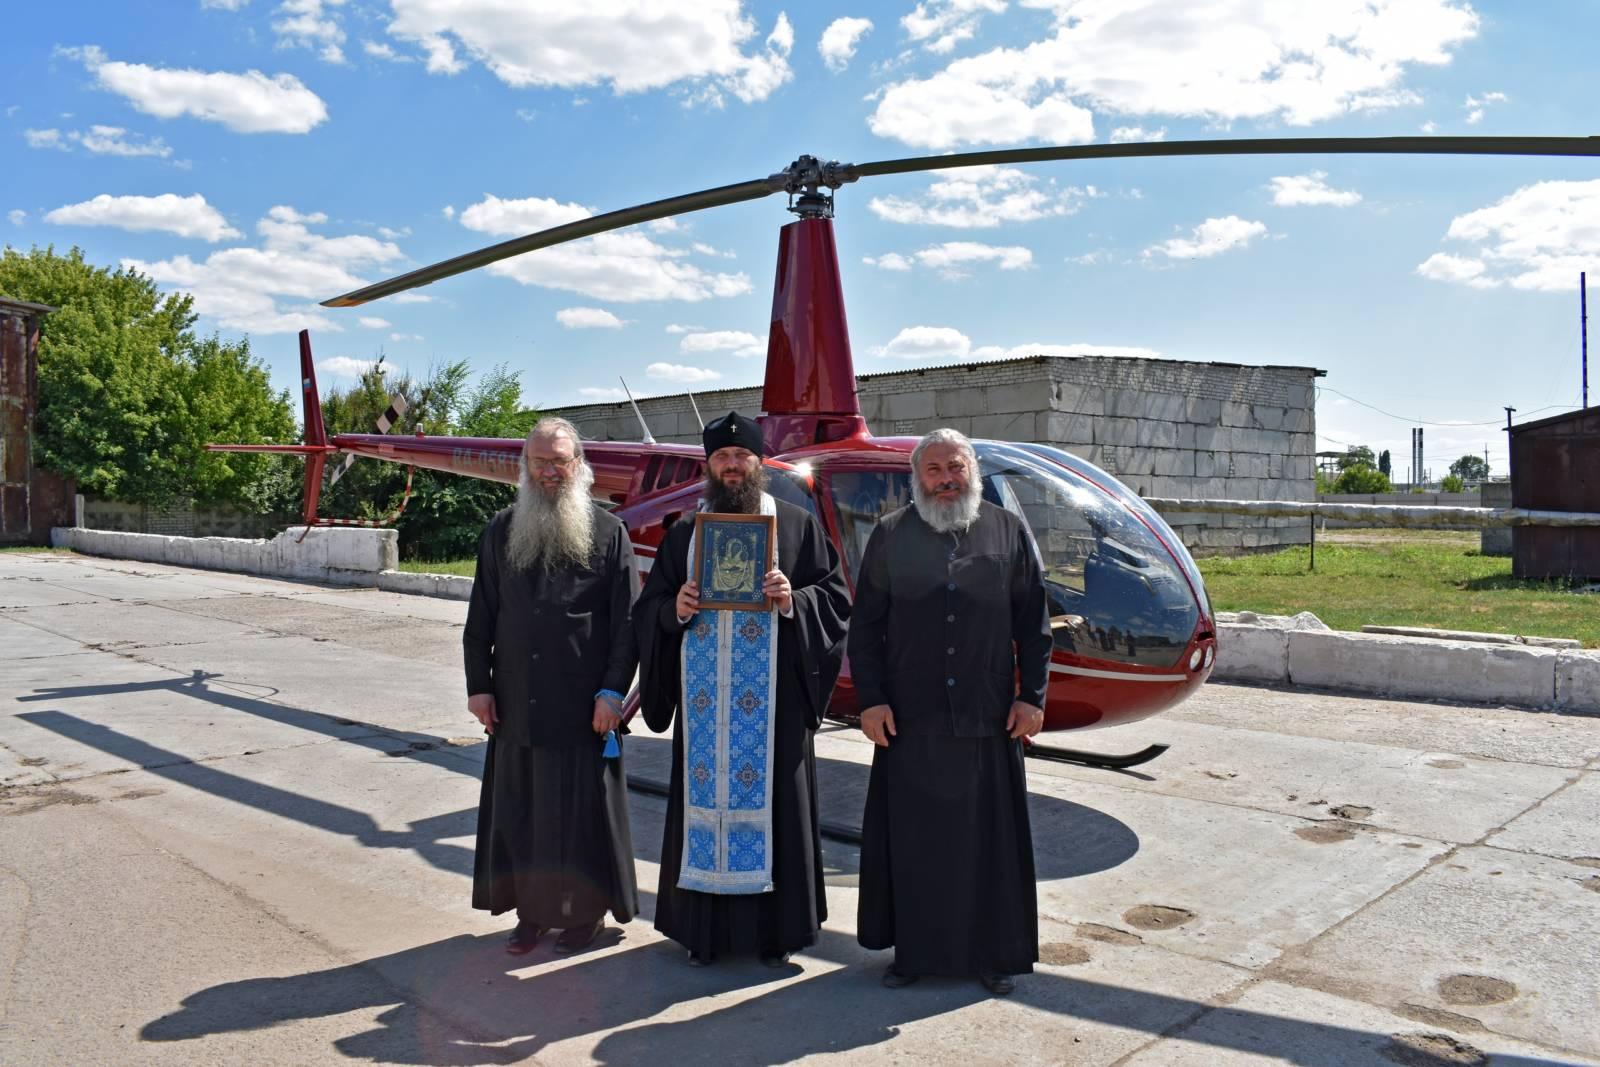 Воздушный крестный ход вокруг г. Урюпинска с Урюпинской иконой Божией Матери.